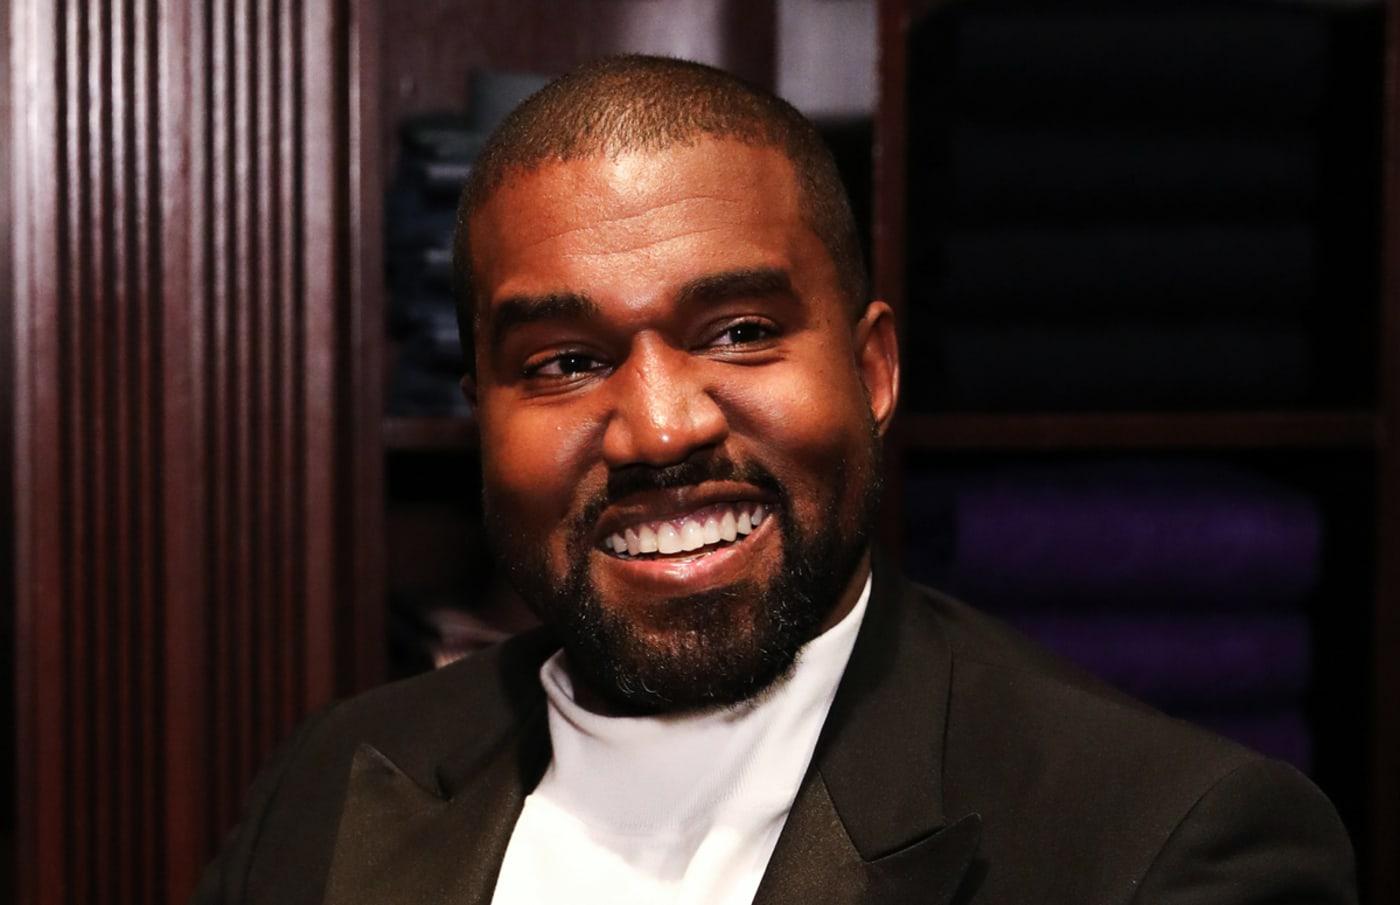 Kanye West's opera